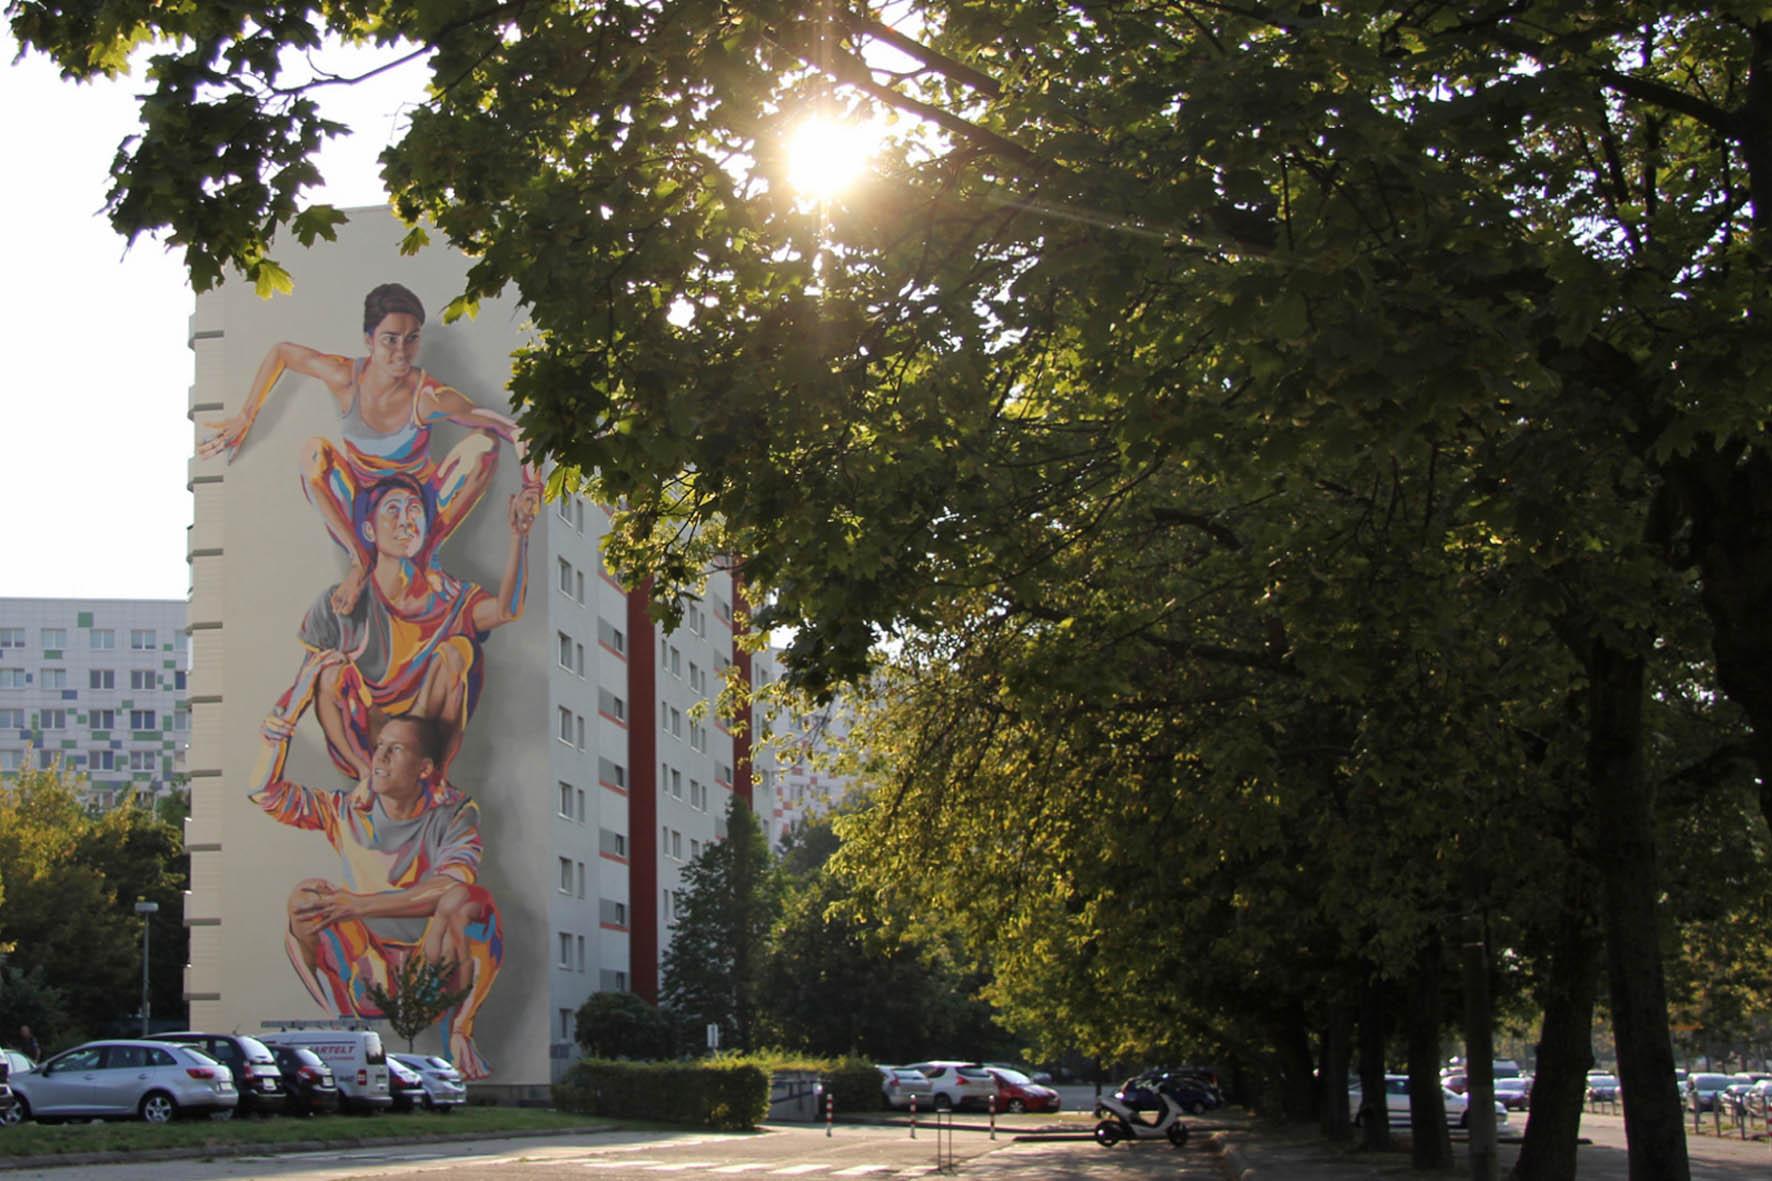 Totem Mural By Jbak In Berlin Lichtenberg Andberlin